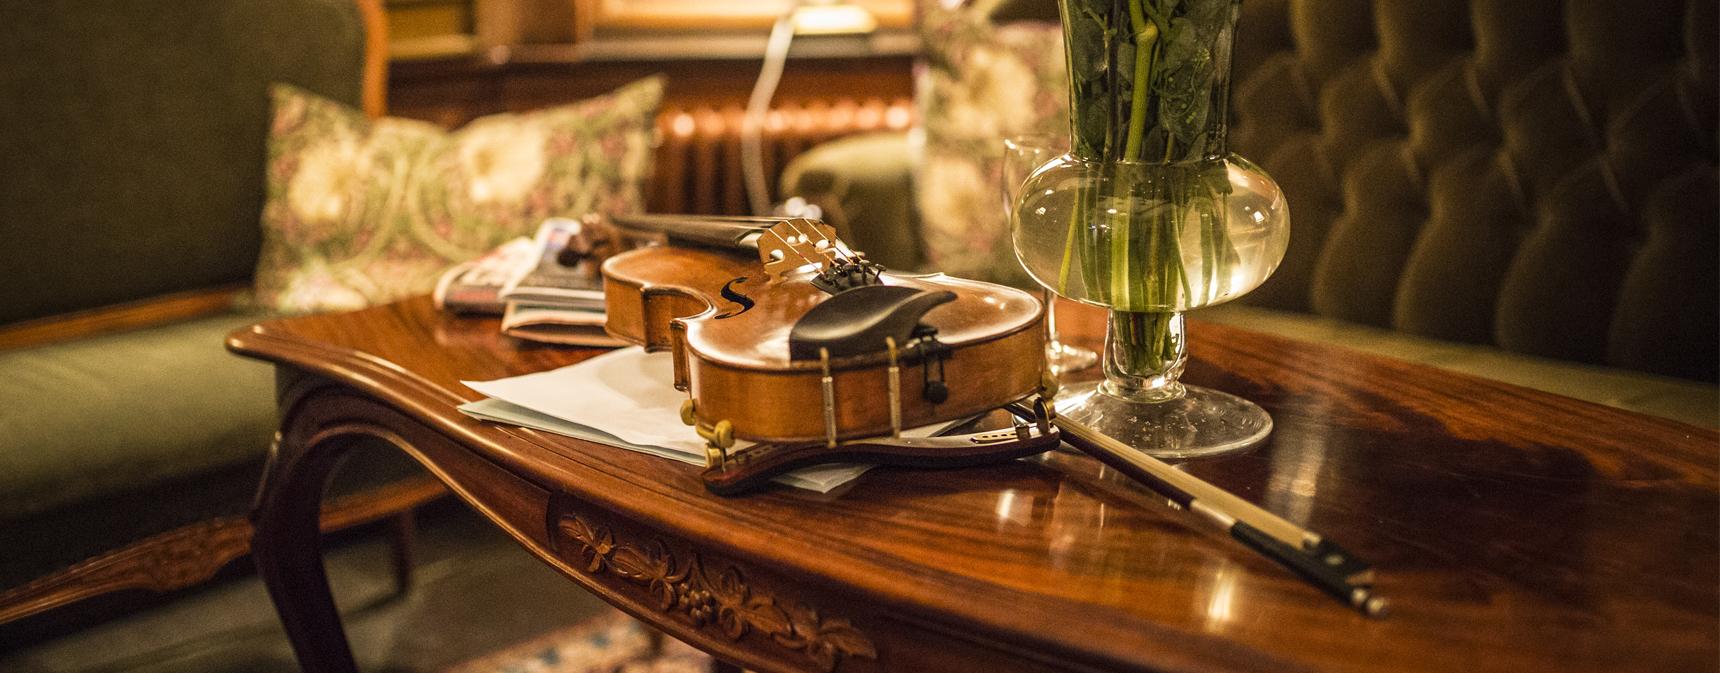 En violin och en stråke liggande på ett träbord